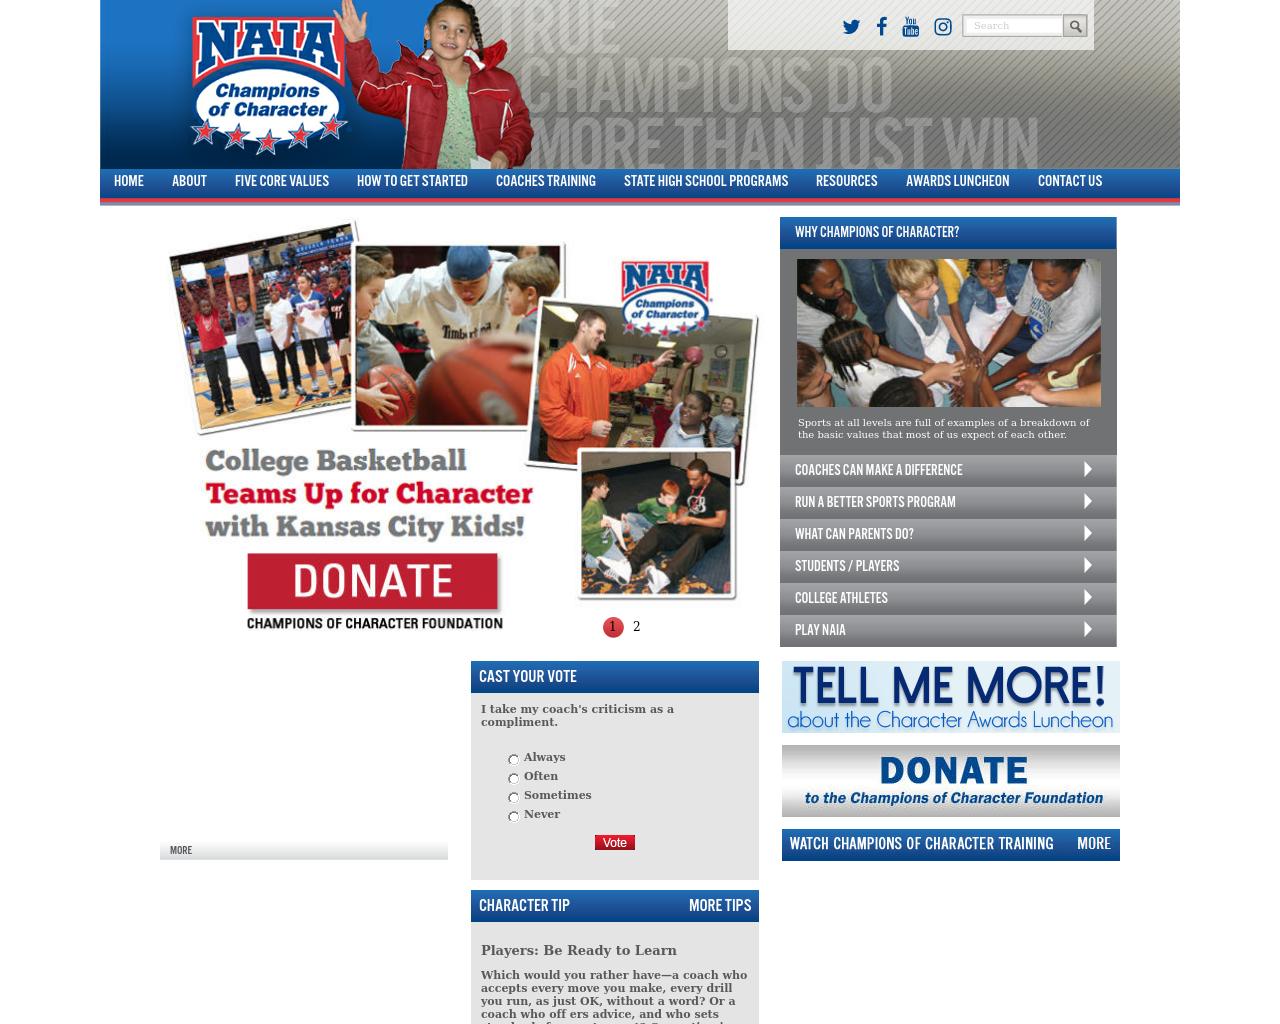 NAIA-Champions-of-Character-Advertising-Reviews-Pricing